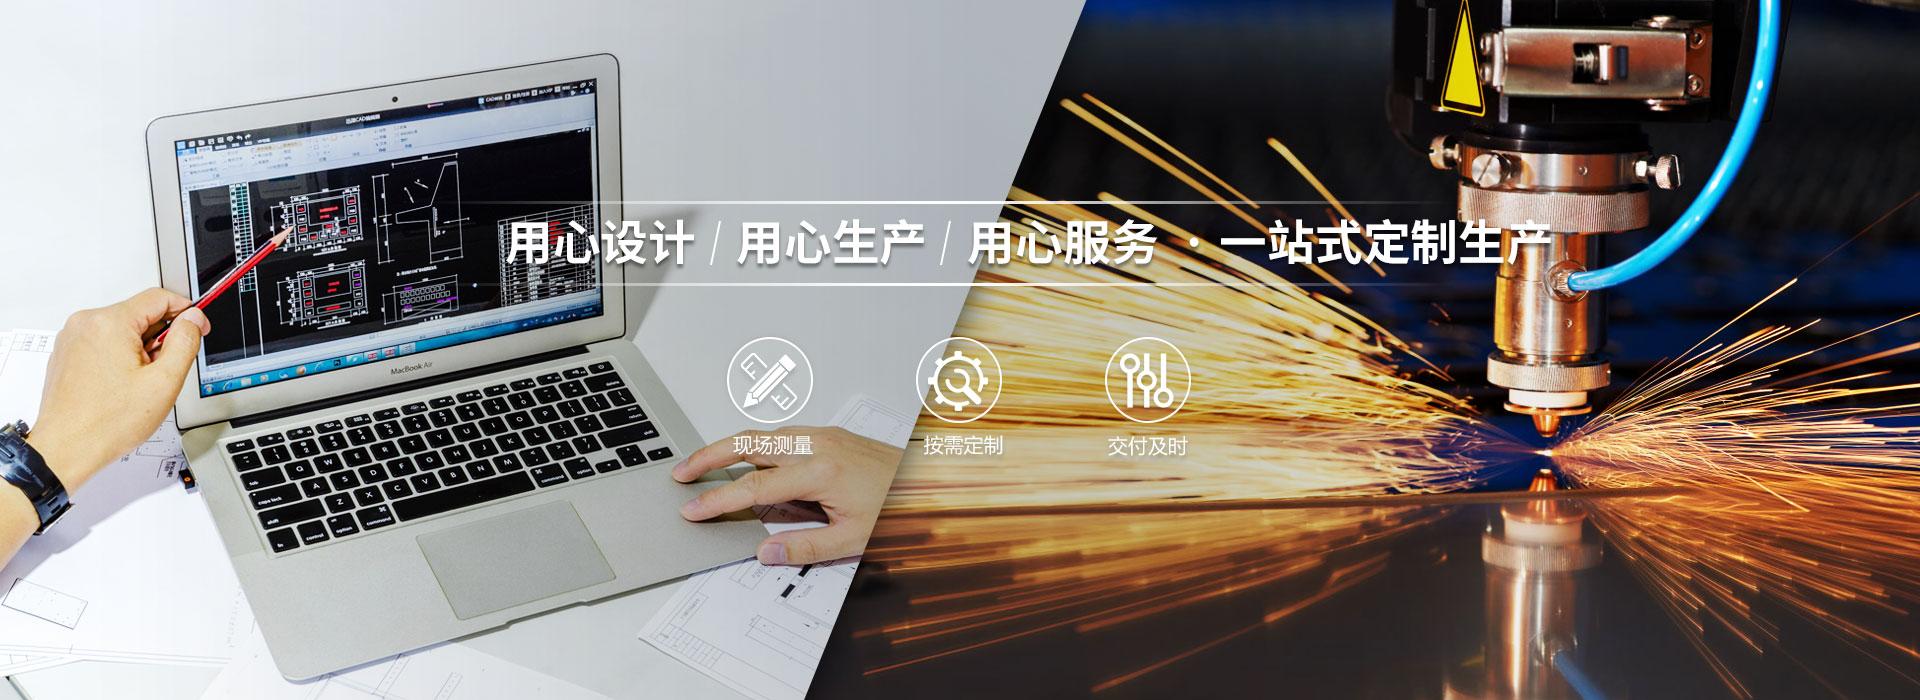 云茂通讯设备用心设计,用心生产,用心服务